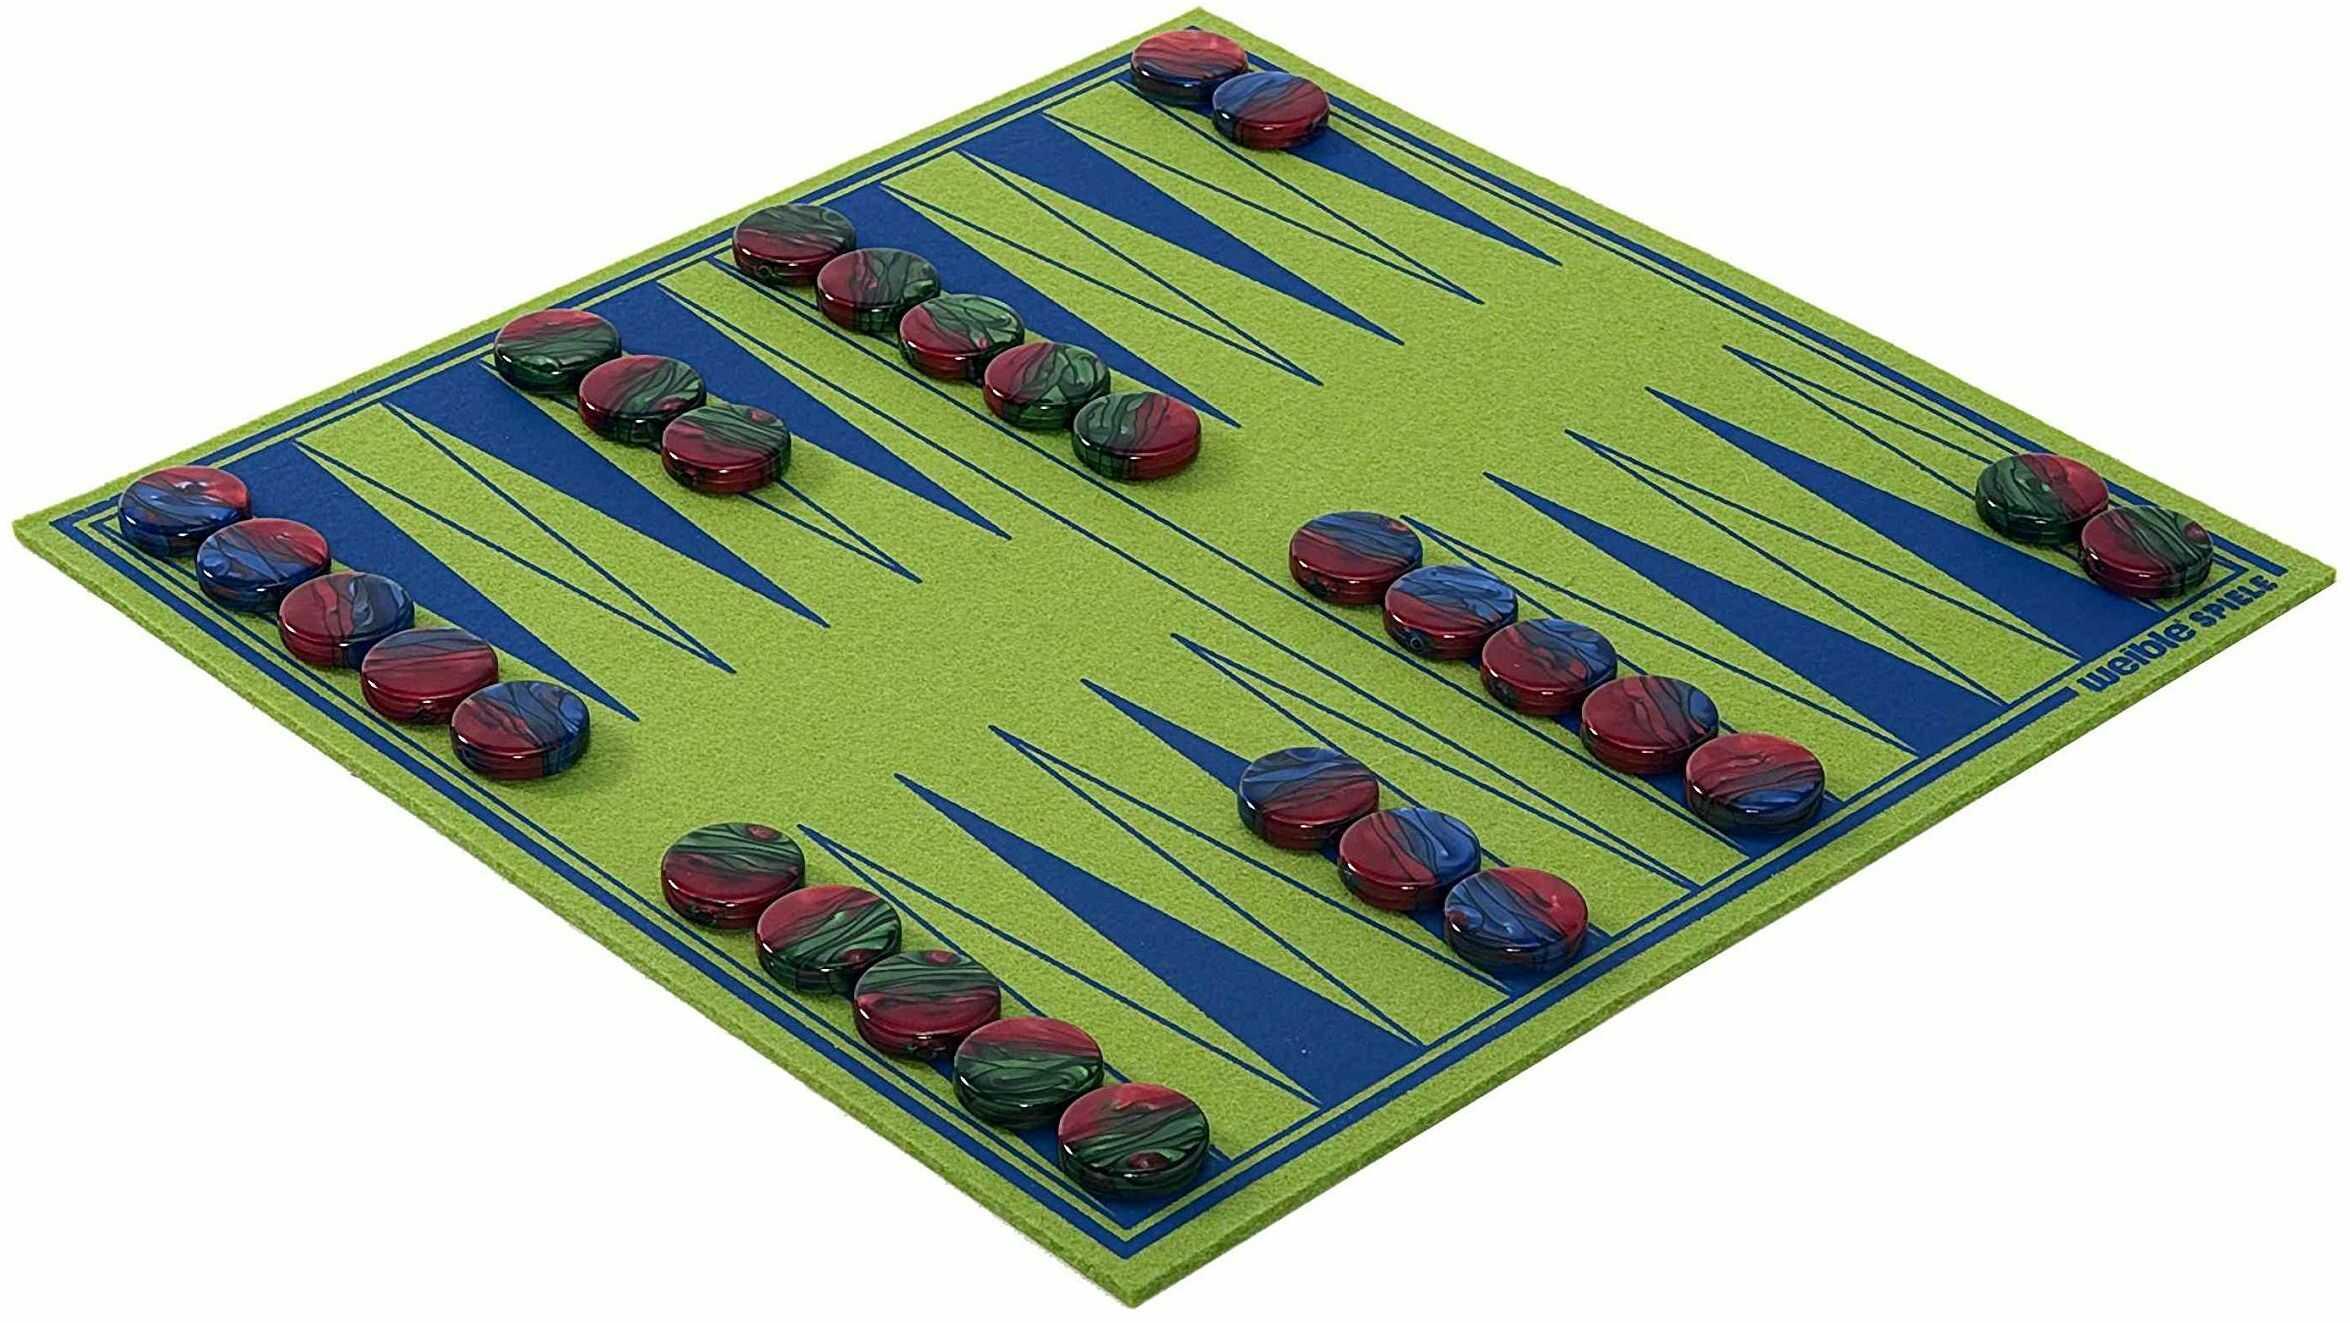 Weible Spiele 06226 Backgammon ''Play ''N'' ROLL'' z filcu wełnianego z kamieniami do gry ze szkła akrylowego